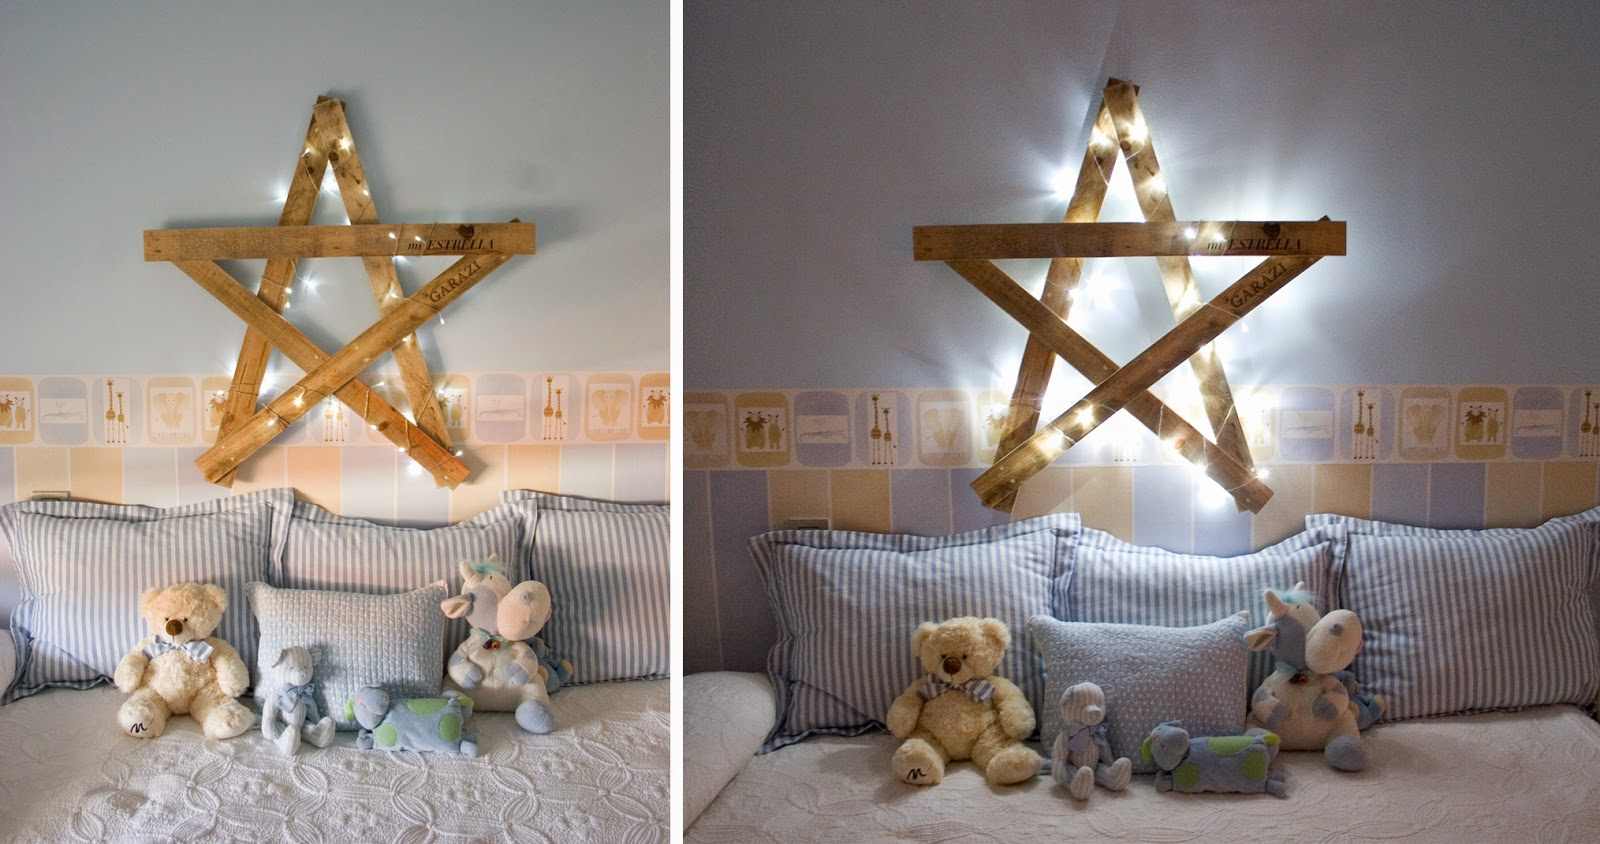 Diy estrella con madera de palet_ estrella con guirnalda de pequeñas luces